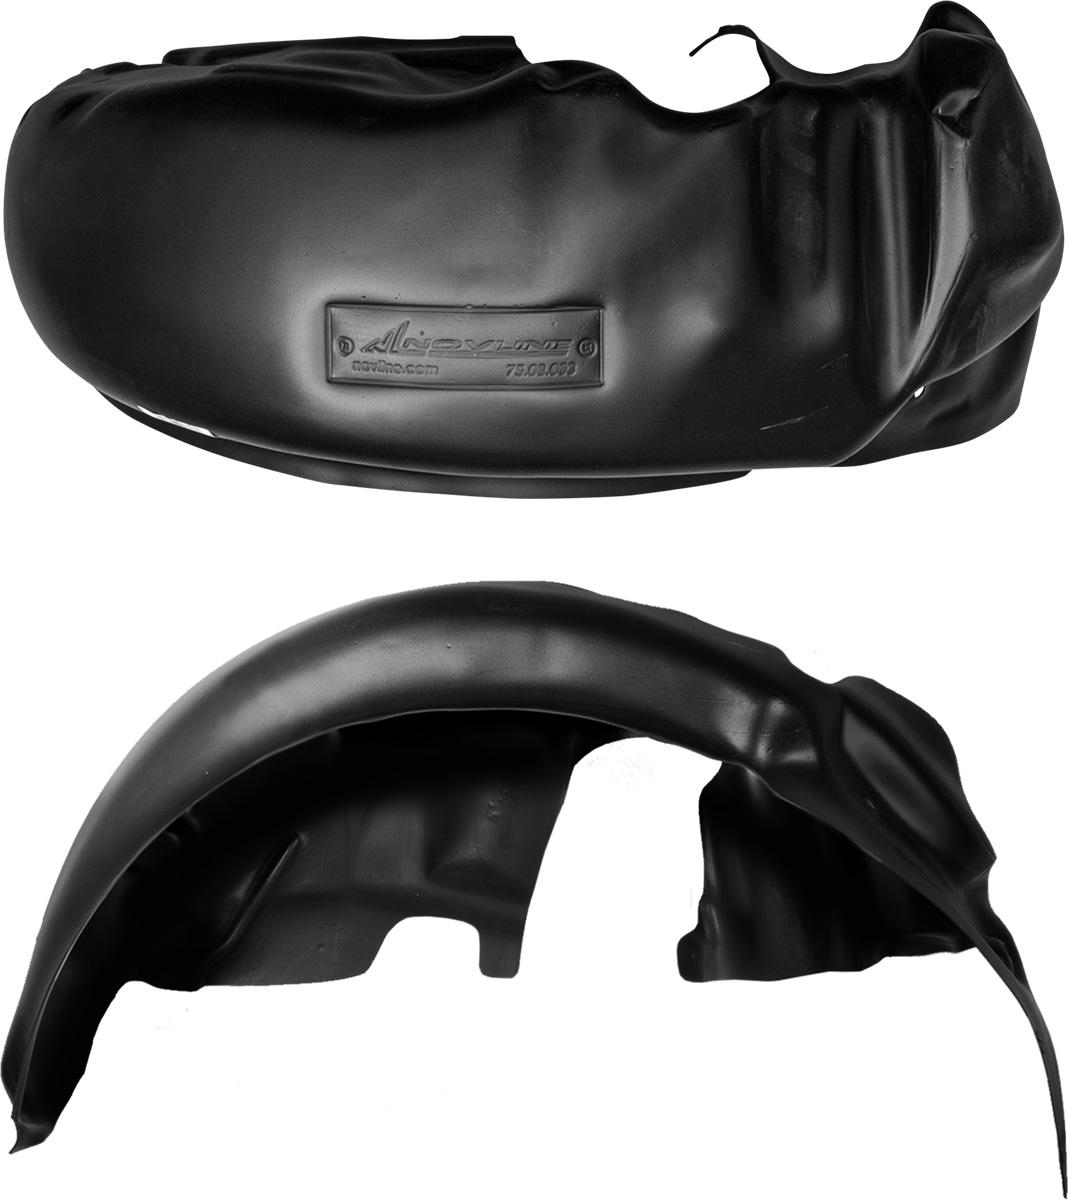 Подкрылок Novline-Autofamily, для Kiа Rio, 04/2015 ->, седан (передний левый)NLL.25.42.001Подкрылок выполнен из высококачественного, экологически чистого пластика. Обеспечивает надежную защиту кузова автомобиля от пескоструйного эффекта и негативного влияния, агрессивных антигололедных реагентов. Пластик обладает более низкой теплопроводностью, чем металл, поэтому в зимний период эксплуатации использование пластиковых подкрылков позволяет лучше защитить колесные ниши от налипания снега и образования наледи. Оригинальность конструкции подчеркивает элегантность автомобиля, бережно защищает нанесенное на днище кузова антикоррозийное покрытие и позволяет осуществить крепление подкрылка внутри колесной арки практически без дополнительного крепежа и сверления, не нарушая при этом лакокрасочного покрытия, что предотвращает возникновение новых очагов коррозии. Технология крепления подкрылка на иномарки принципиально отличается от крепления на российские автомобили и разрабатывается индивидуально для каждой модели автомобиля. Подкрылок долговечен, обладает высокой прочностью и...